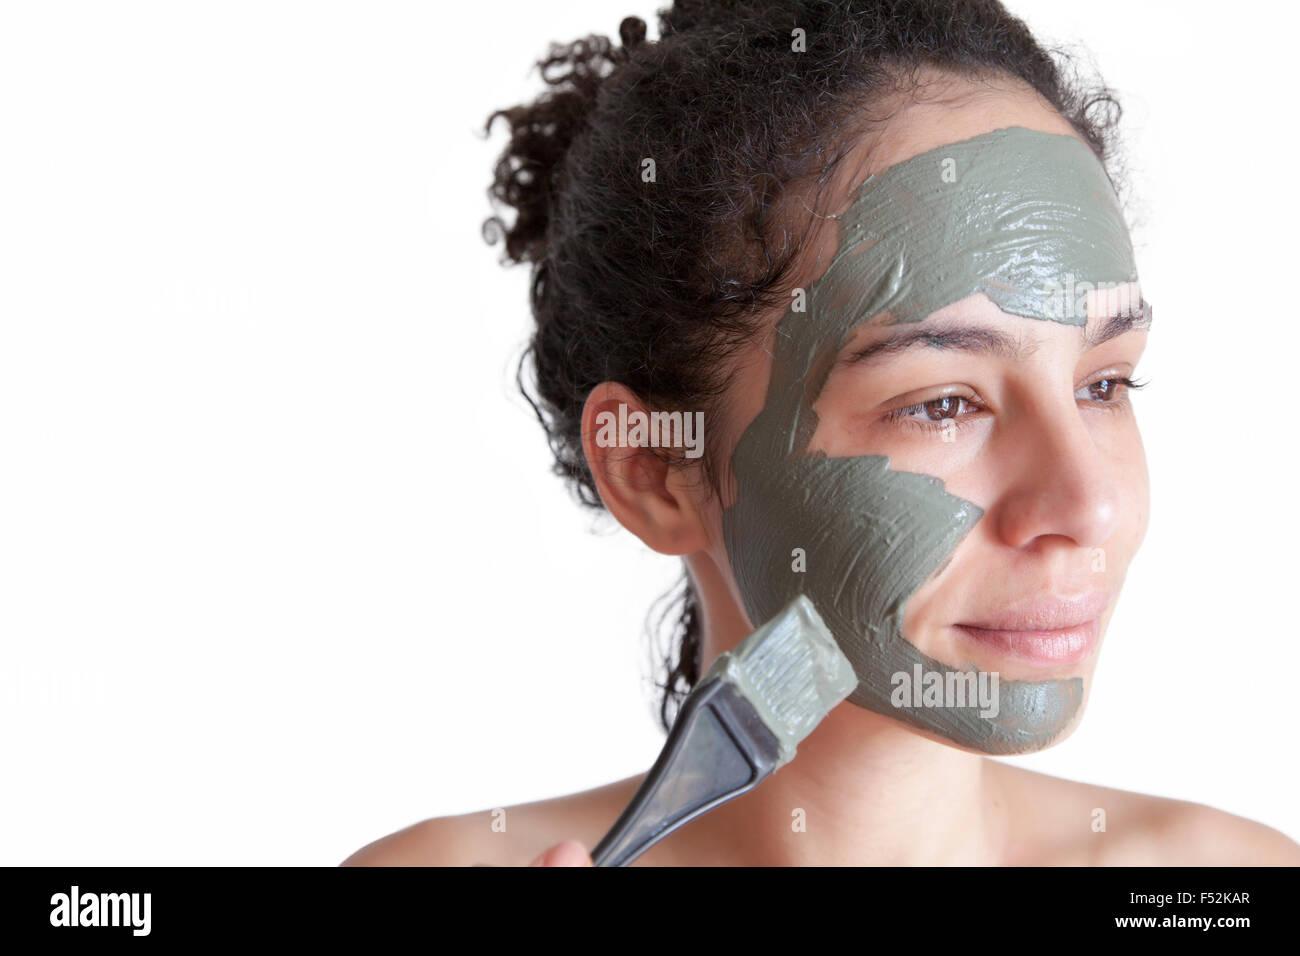 Brazilian girl facial